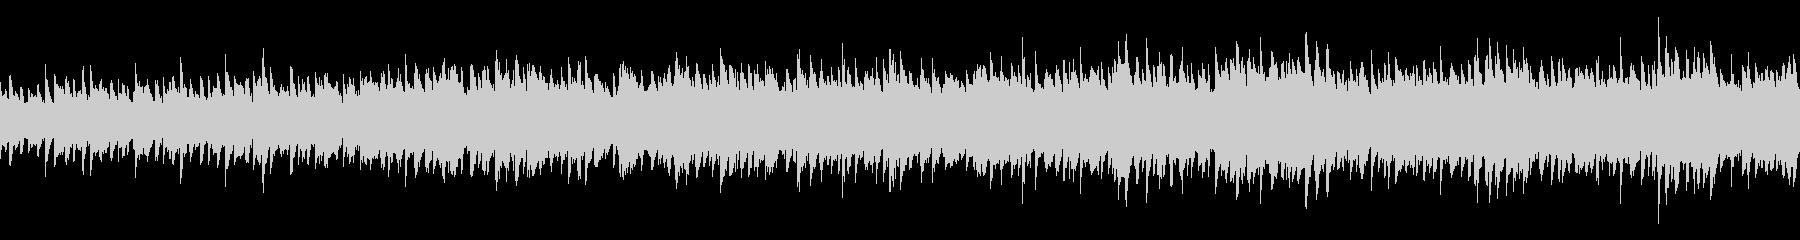 悲しげポップ (ループ仕様)の未再生の波形